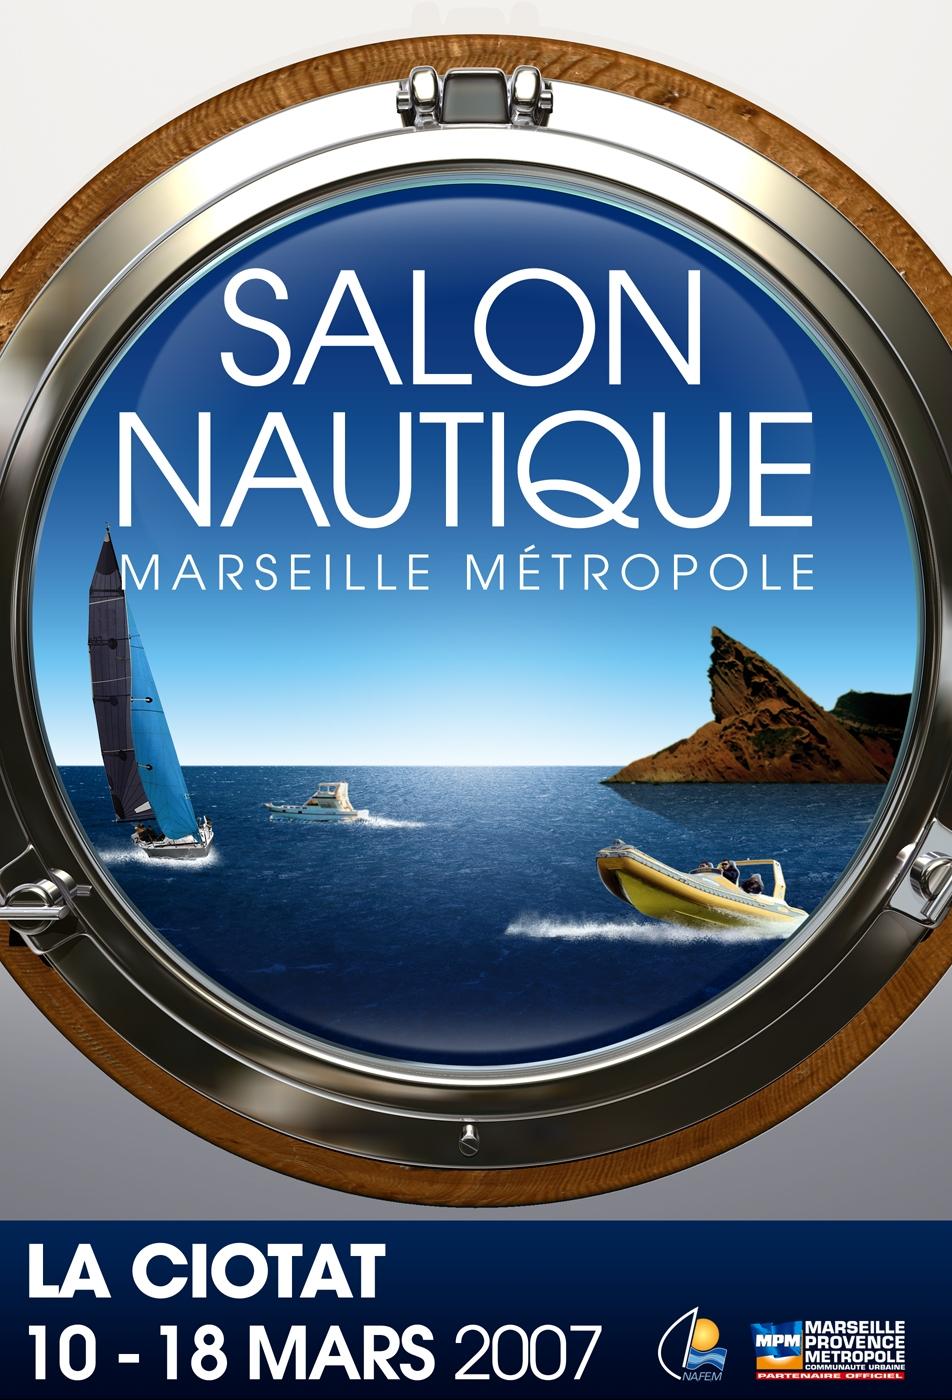 News pneuboat 2007 - Salon nautique ciotat ...